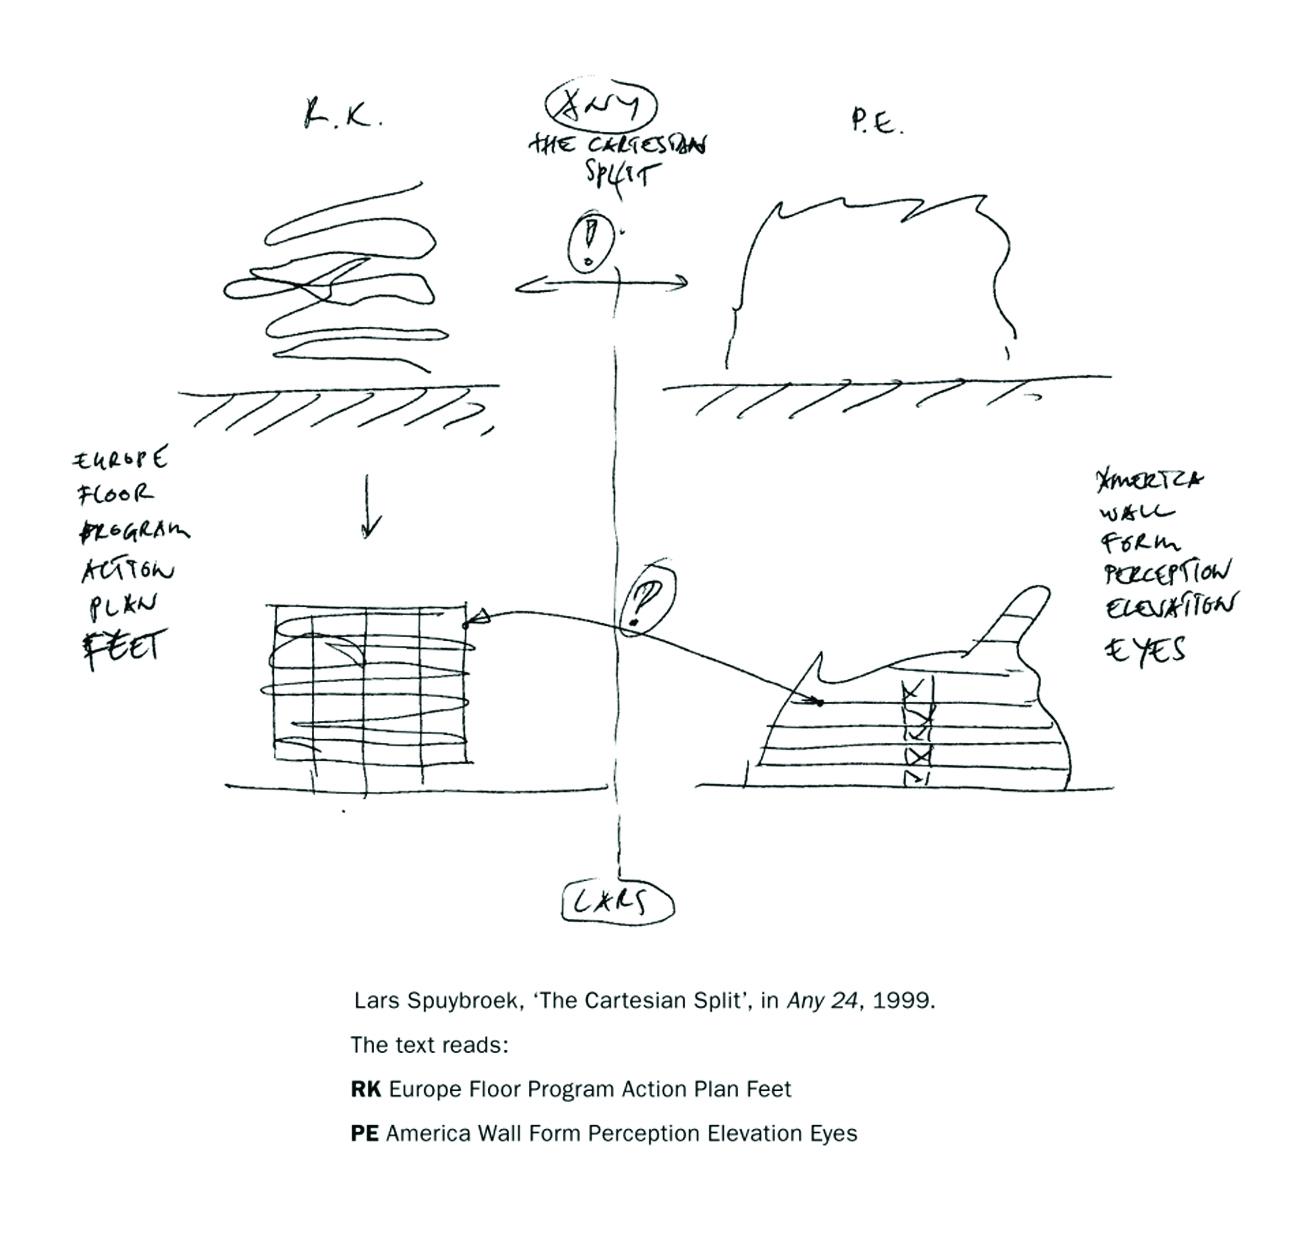 اسکیس «لارس اسپای بروک» در نشریه ANY که نمایشی از تفاوتهای دو نوع معماری آمریکایی و اروپایی است. RK مخفف رمکولهاس اروپایی و PE مخفف پیتر آیزنمن آمریکایی است.